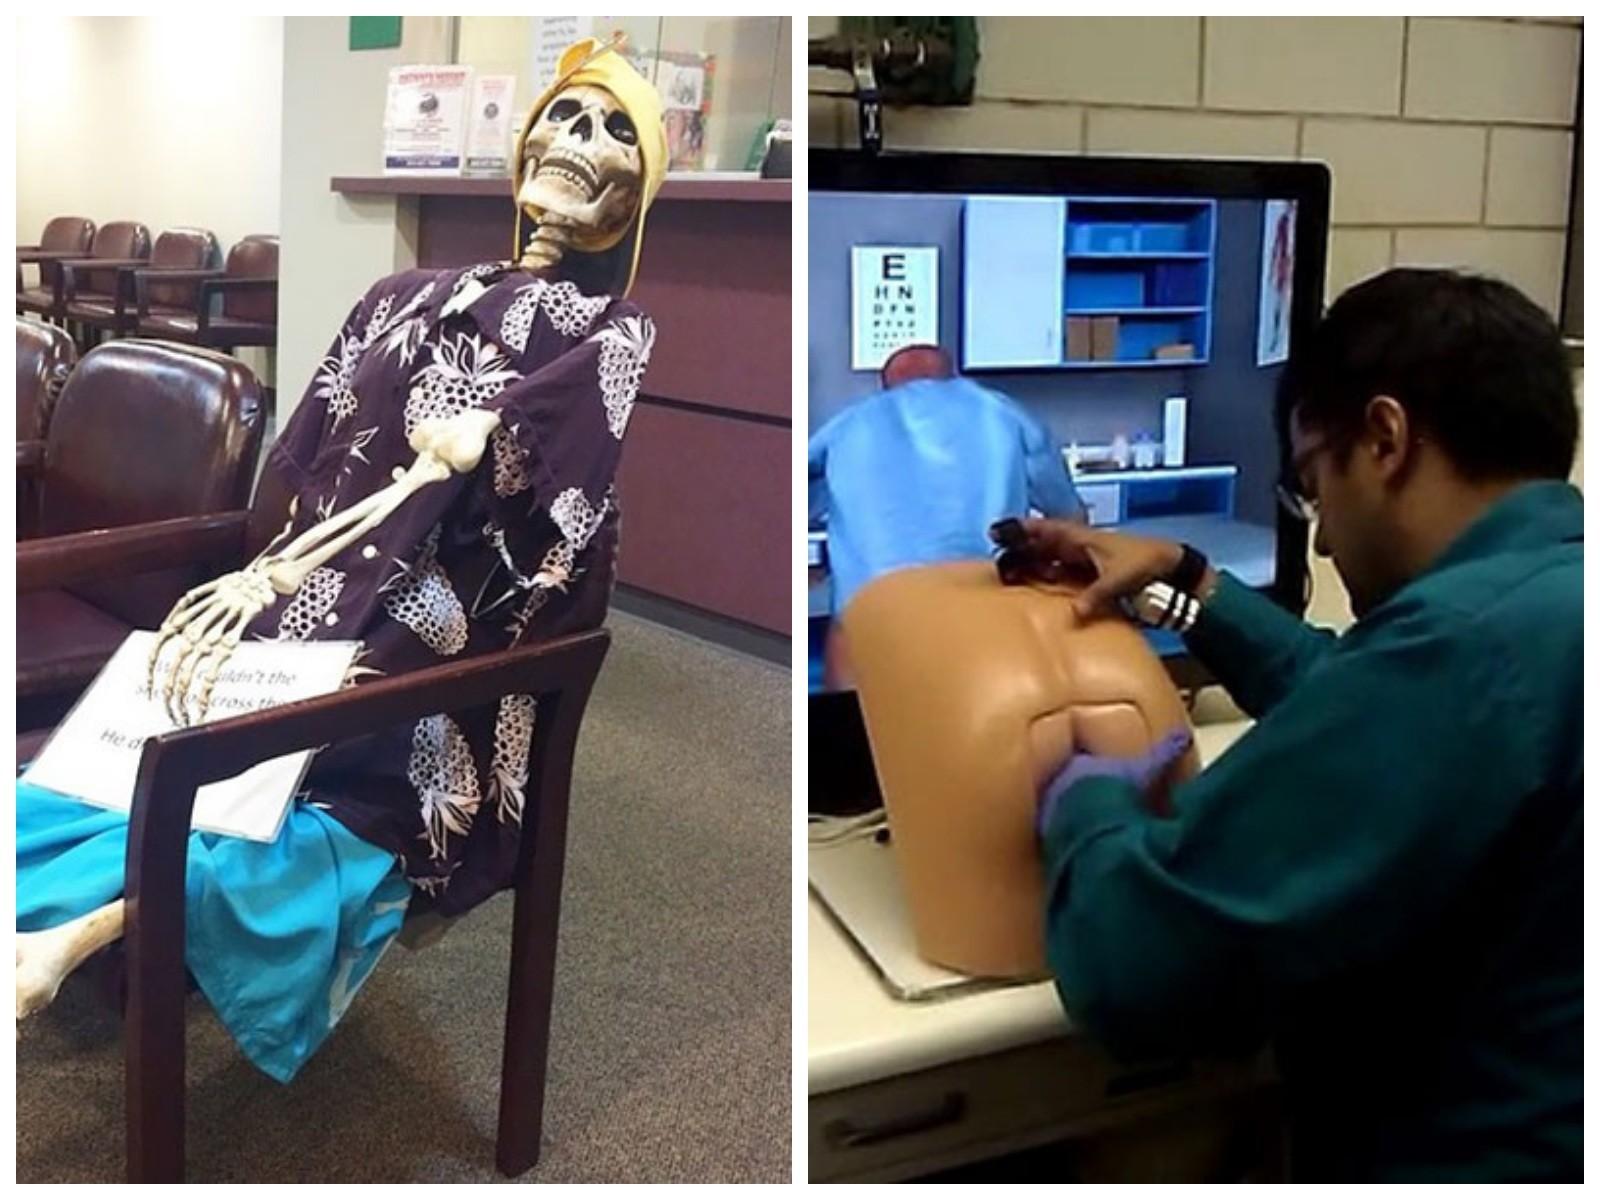 картинка как развлекаются медики